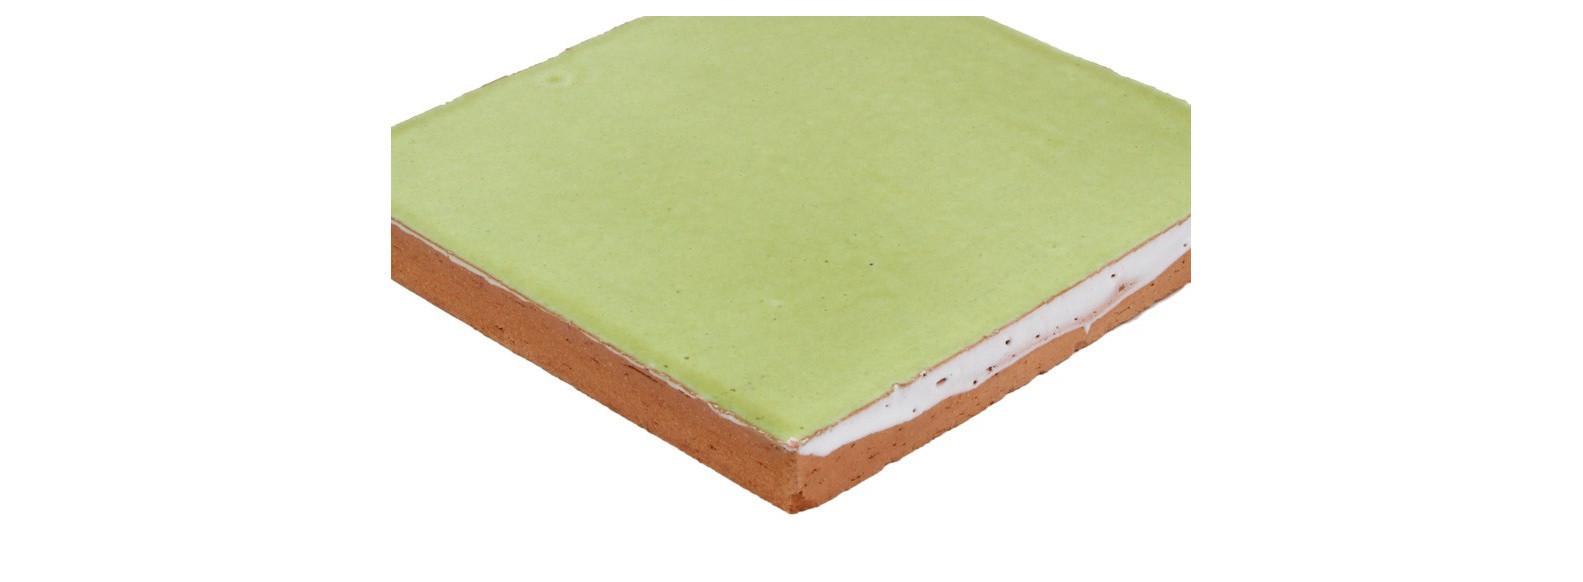 faiences unies du vert clair au vert fonce 10 5 x 10 5 cm